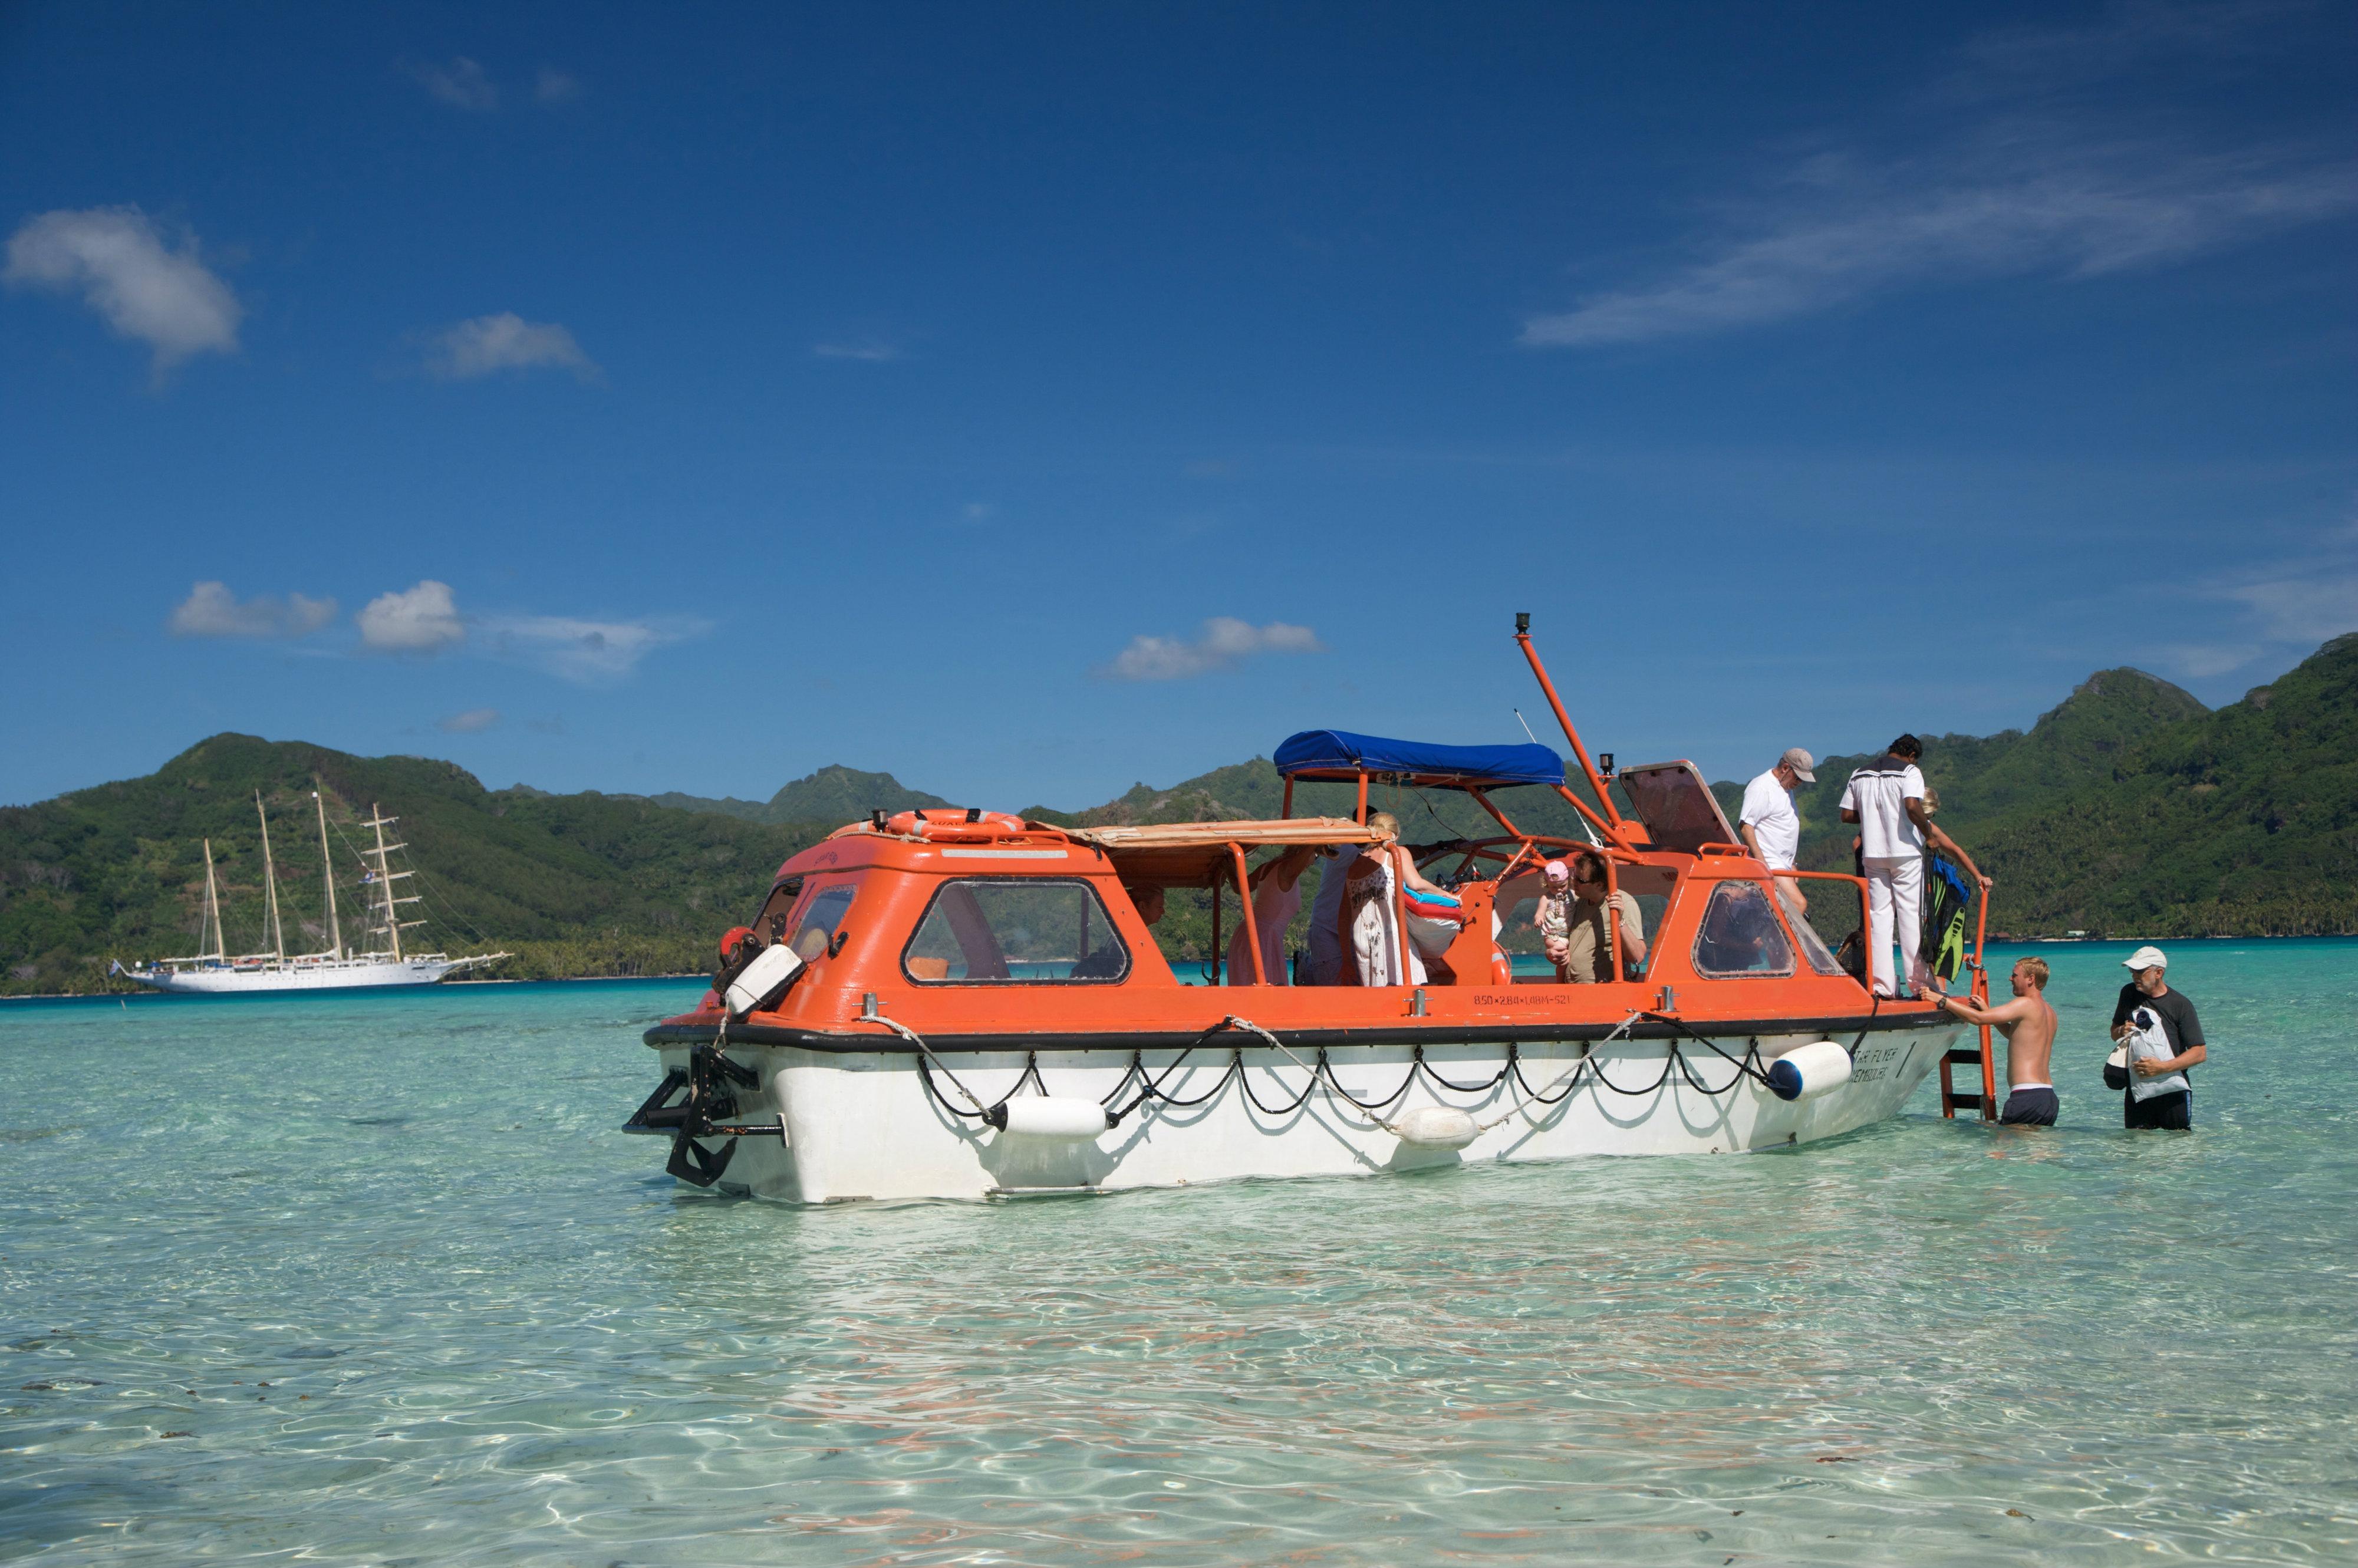 Segelurlaub in der Karibik mit dem Starflyer | ADAC Reisen